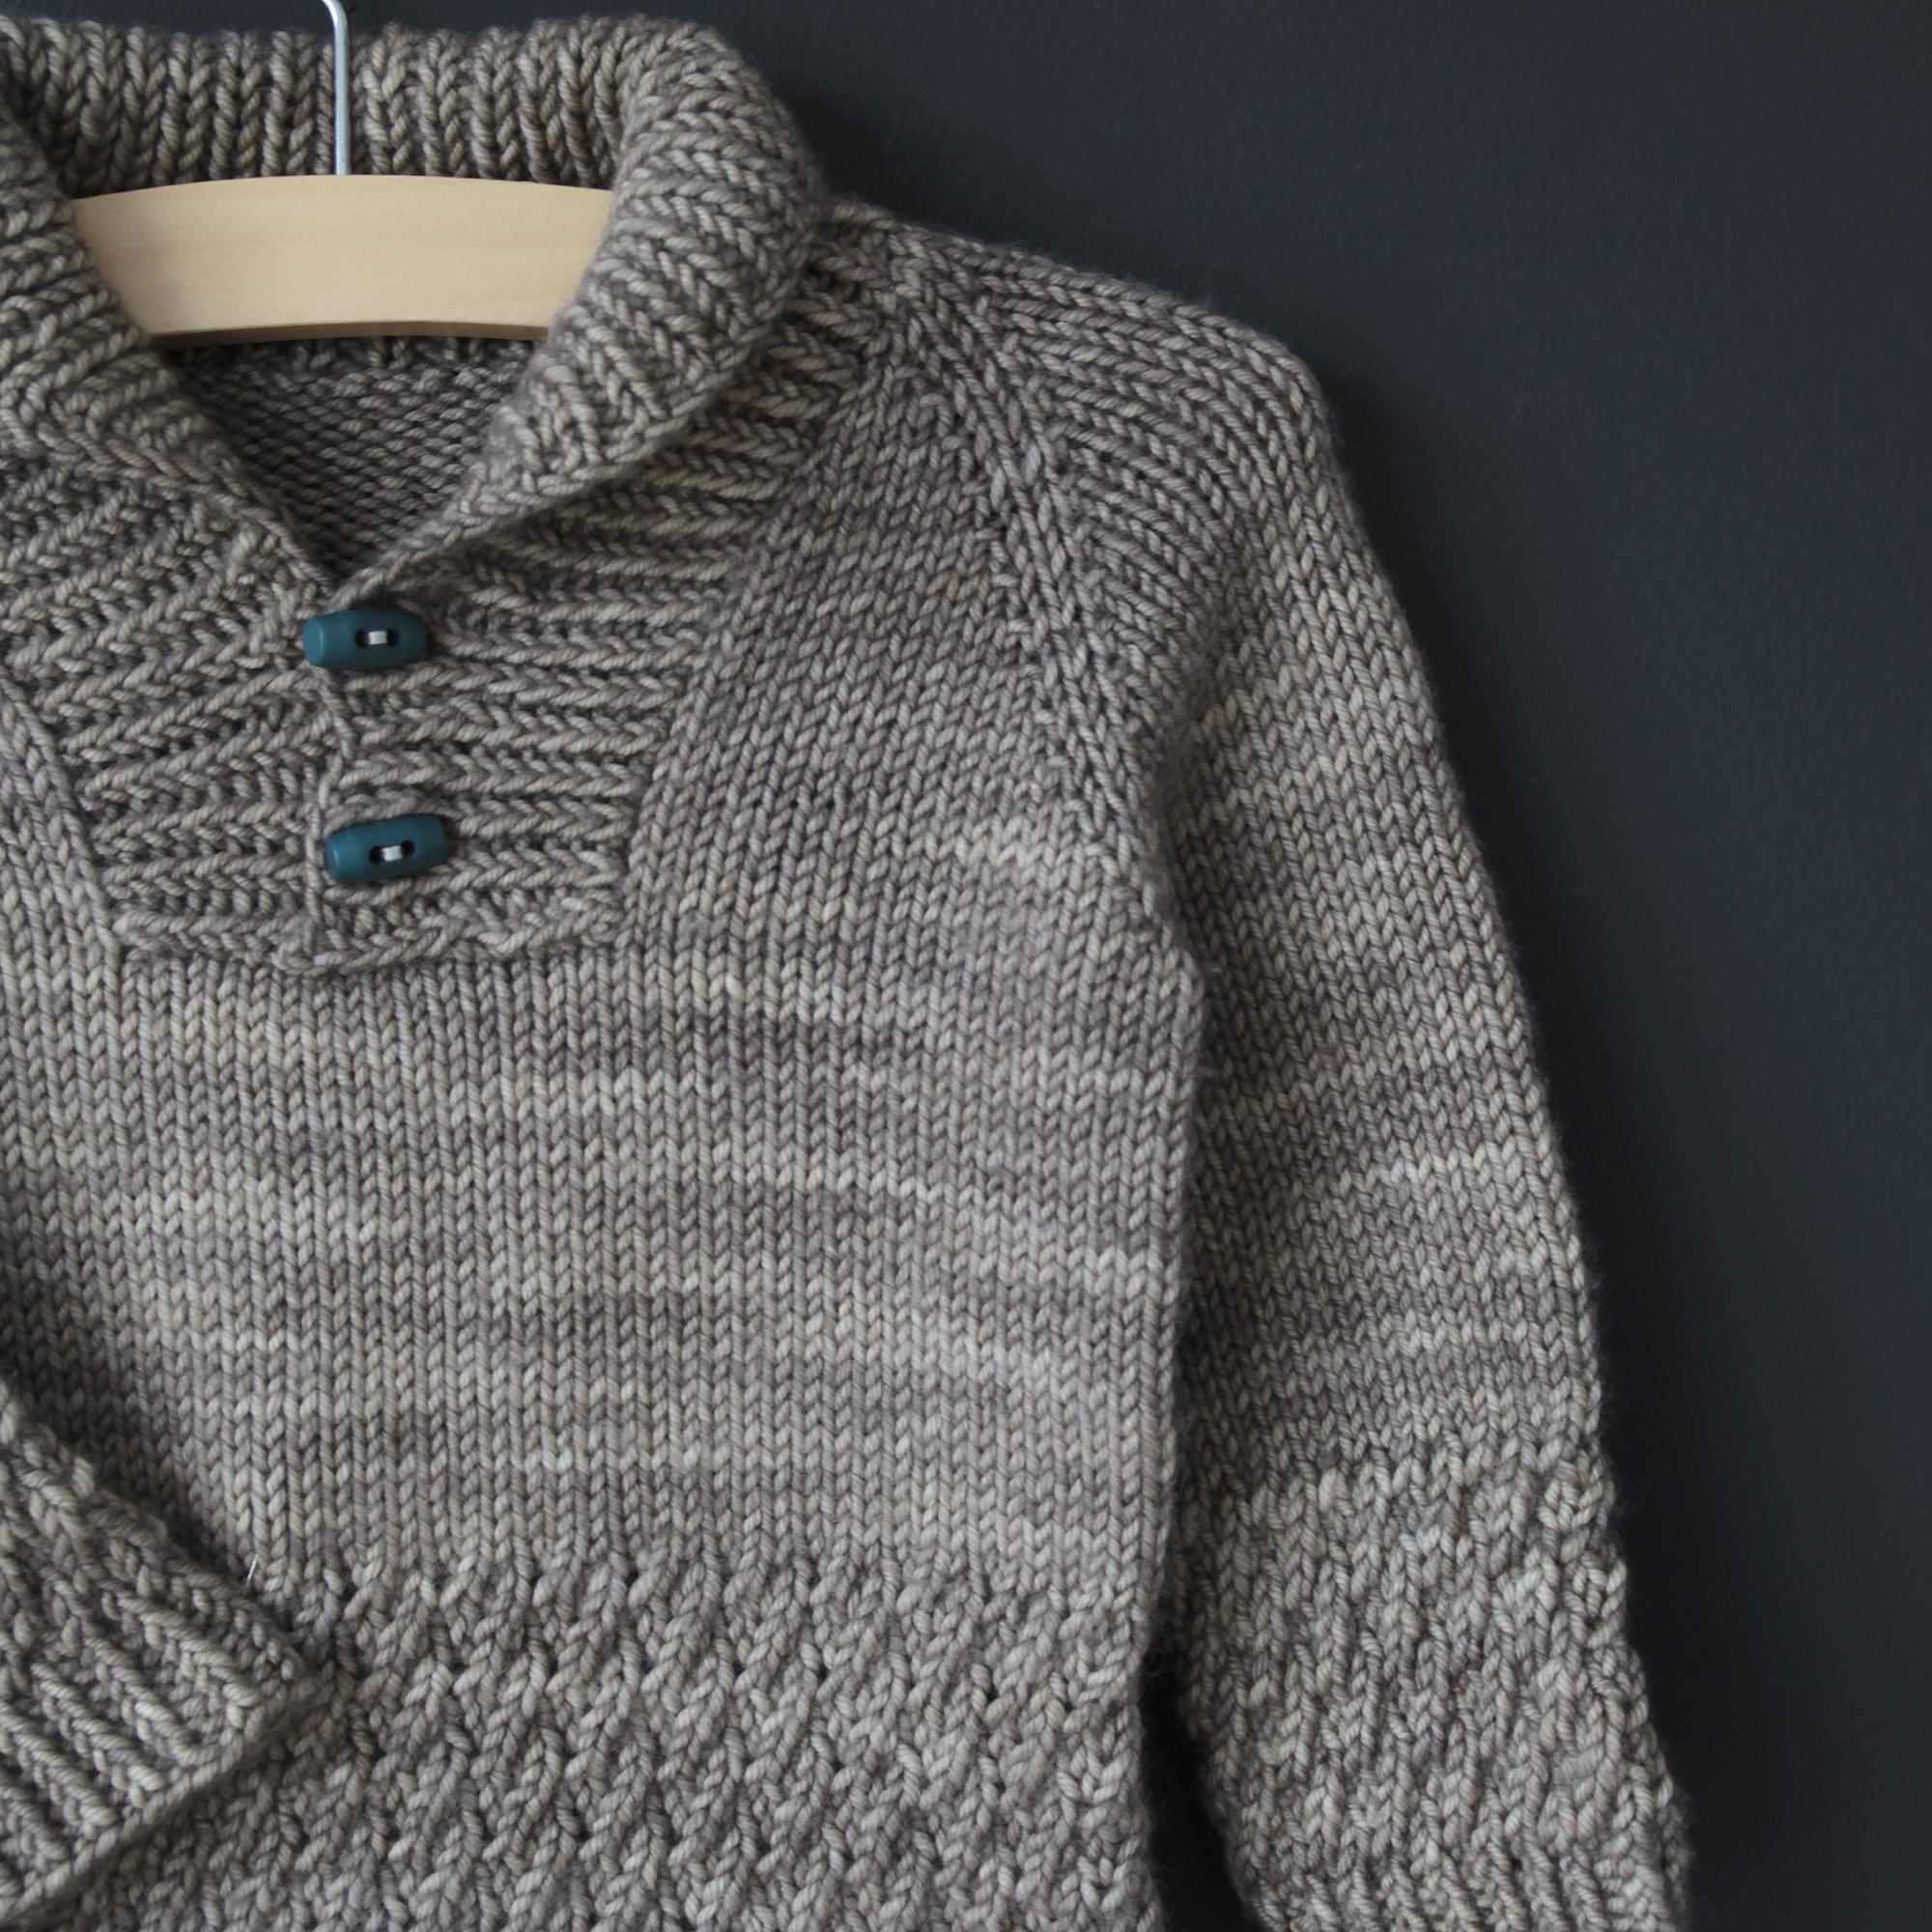 BoySweater4_2000.jpg